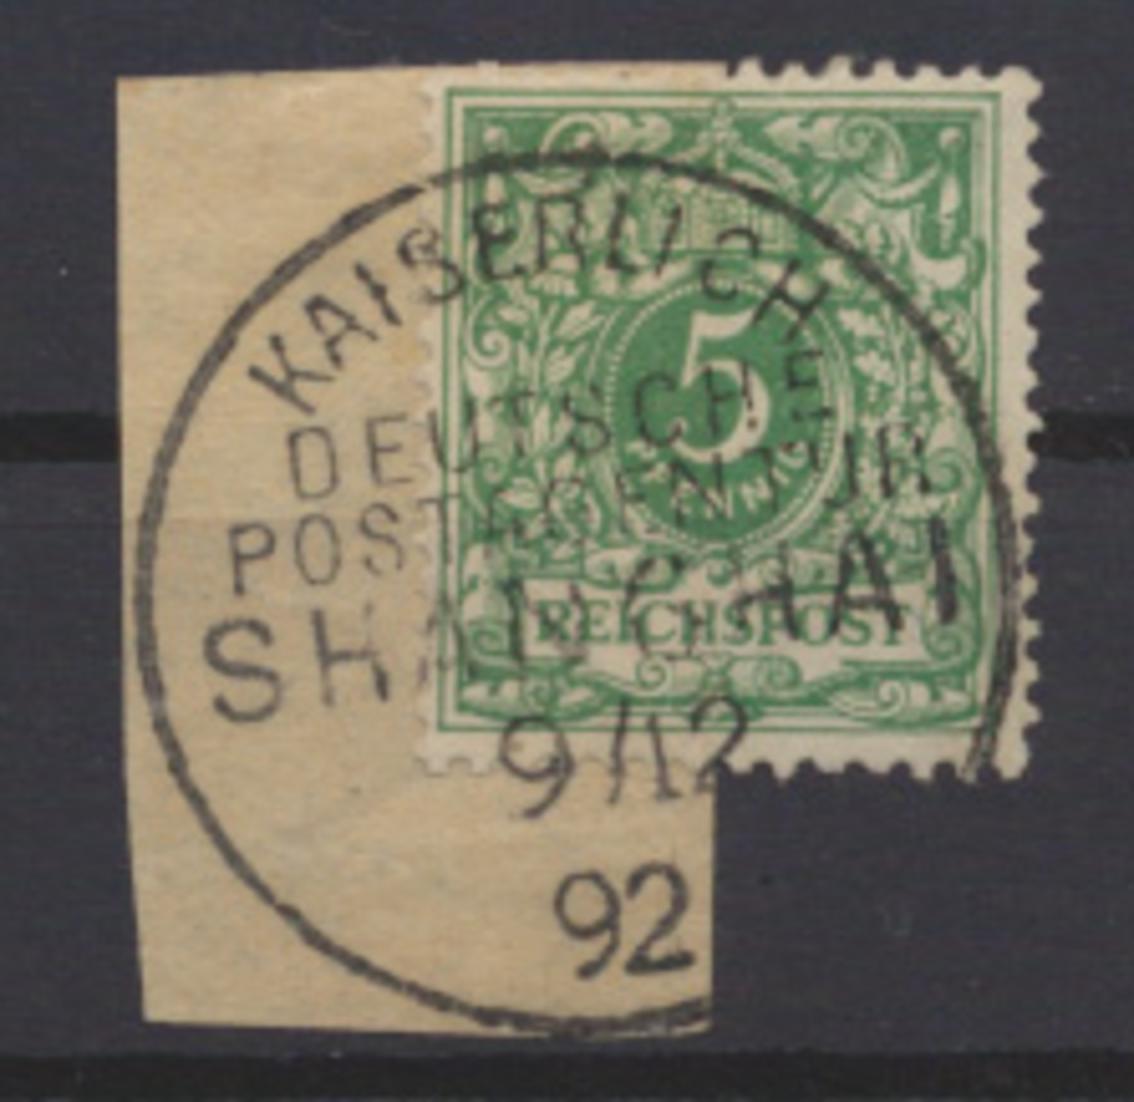 Kolonien DAP China Vorläufer V 46 c Stempel Kaiserl Dt. Postagentur Kat 80,00